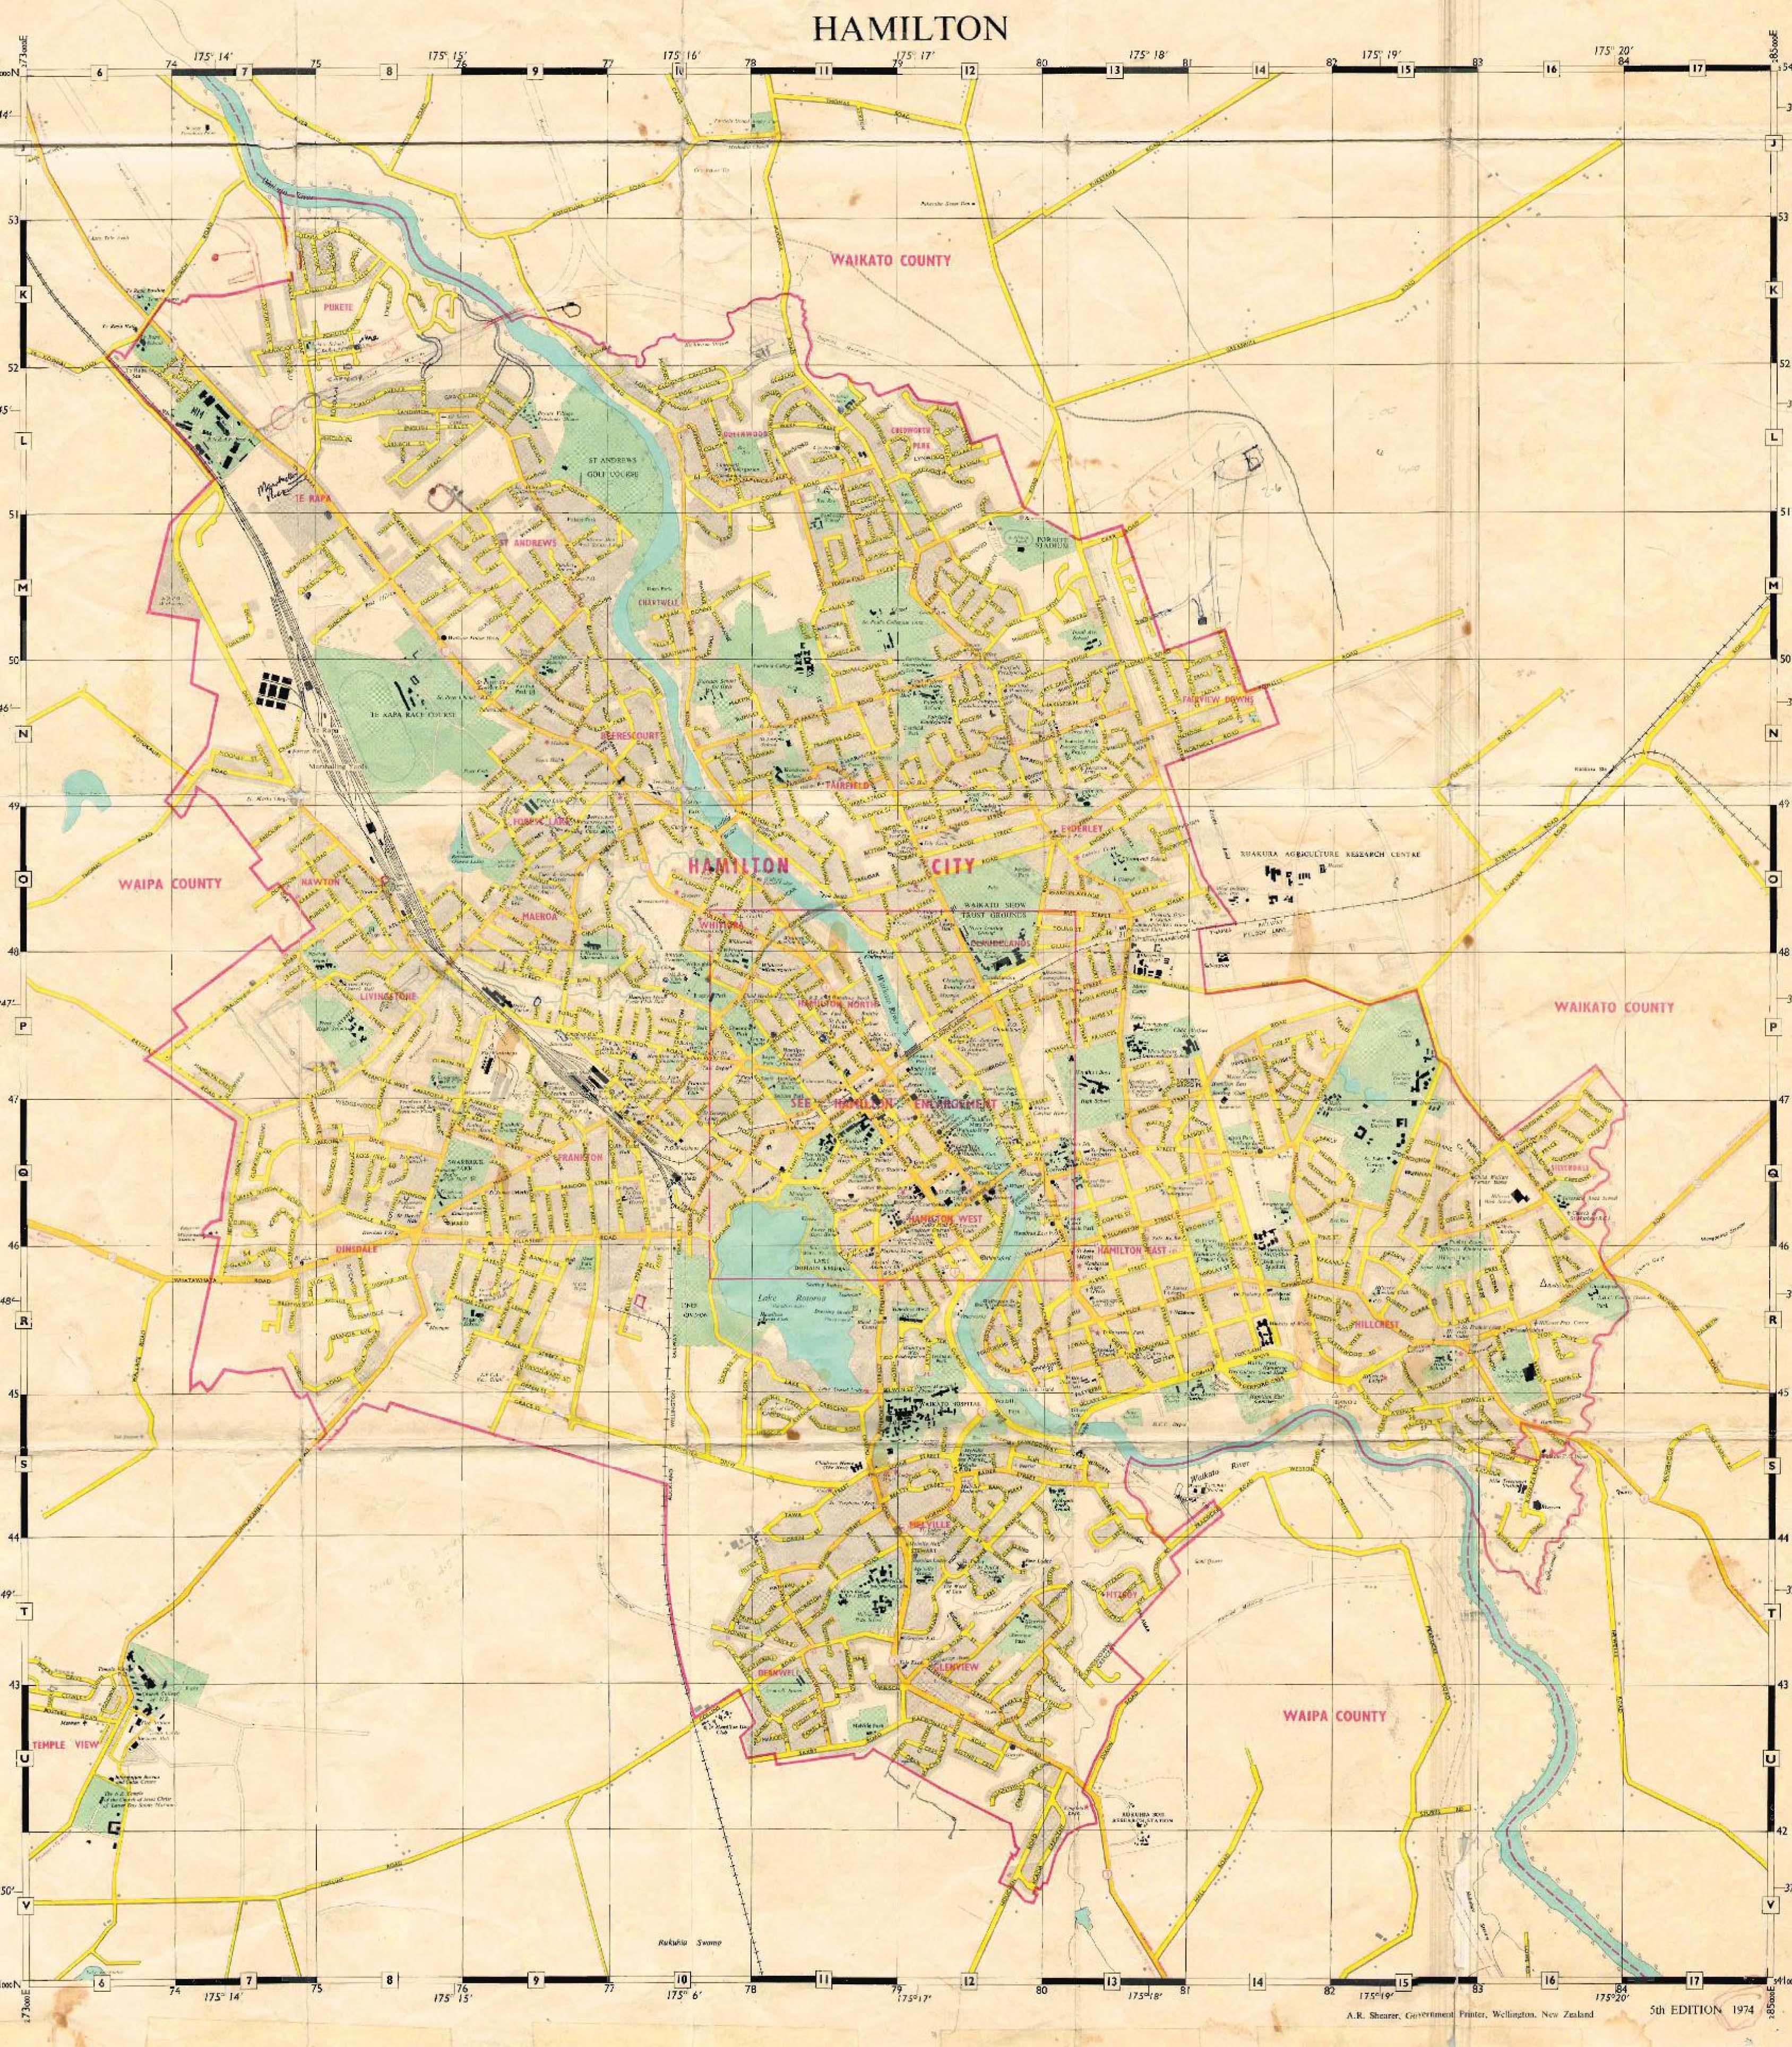 Hamilton map 1974